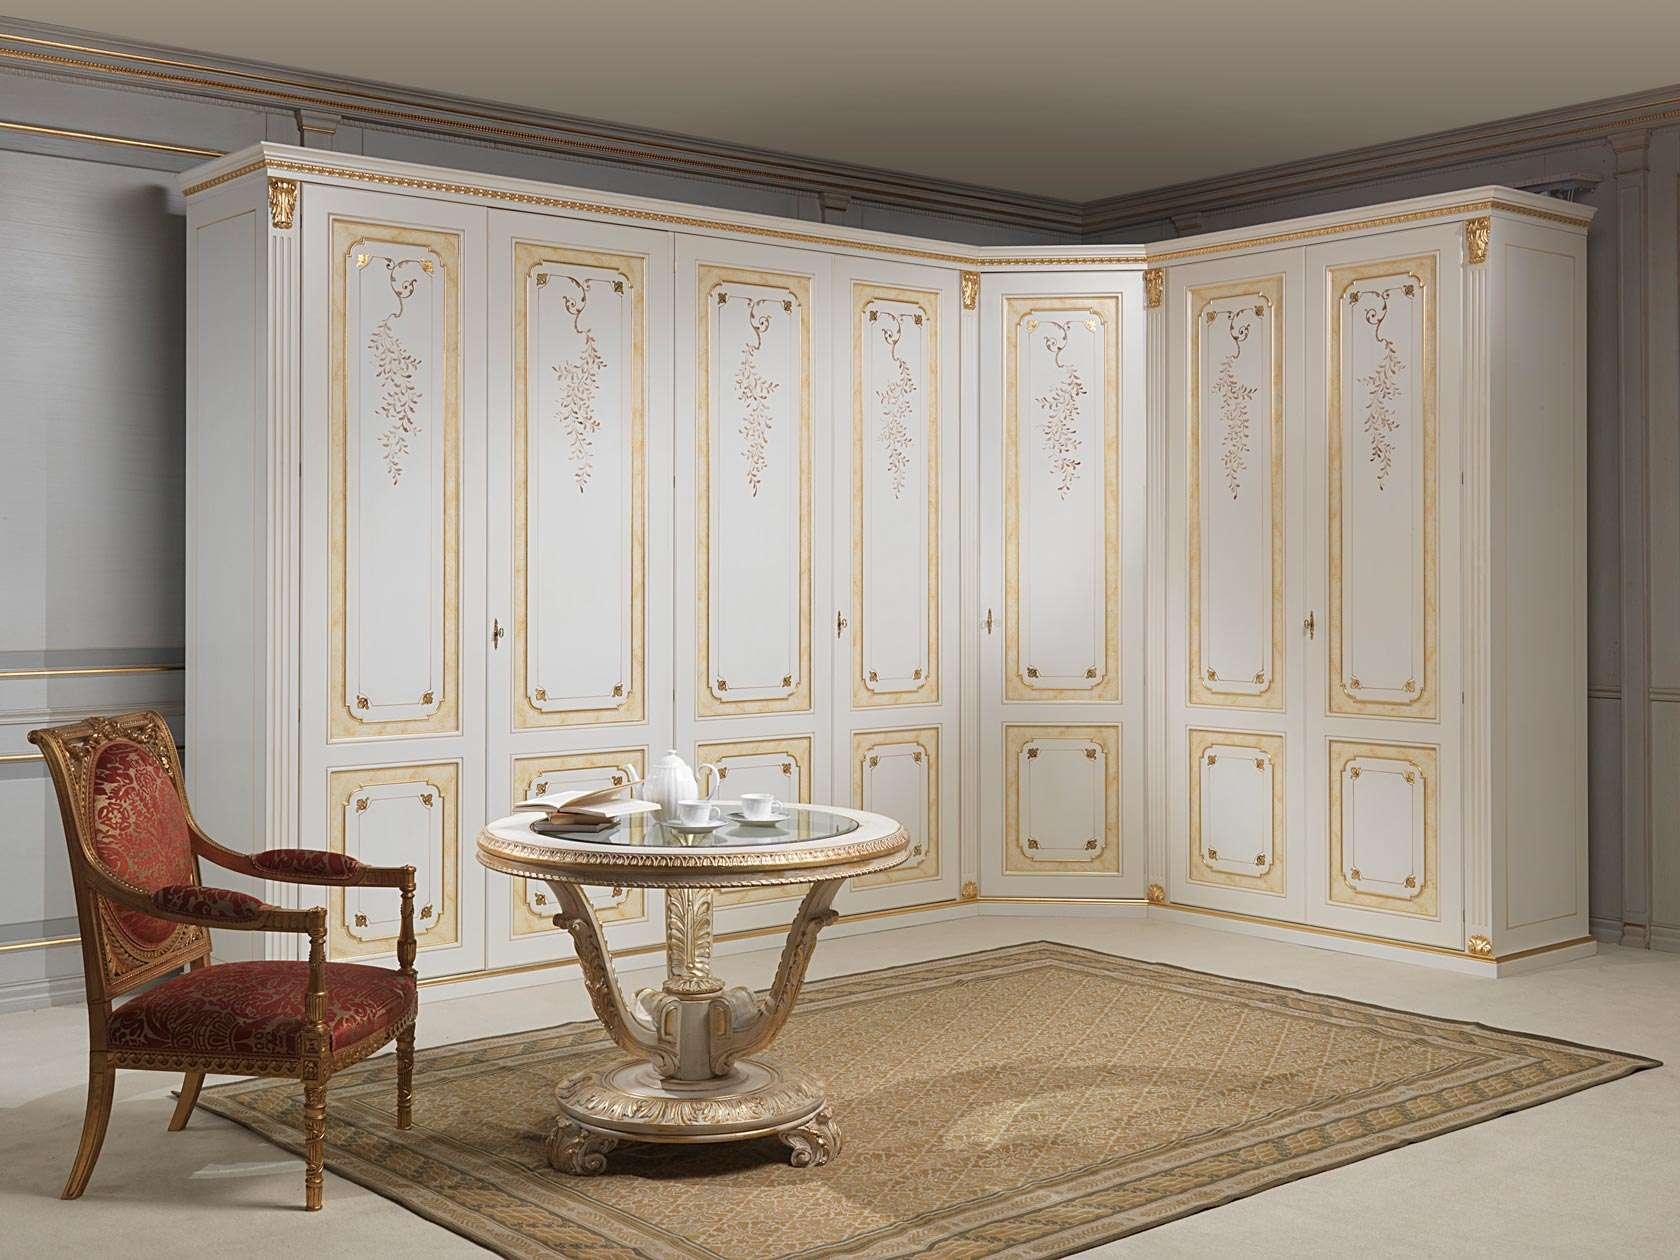 Armoire Angulaire Classique Blanc Et Or Vimercati Classic Furniture